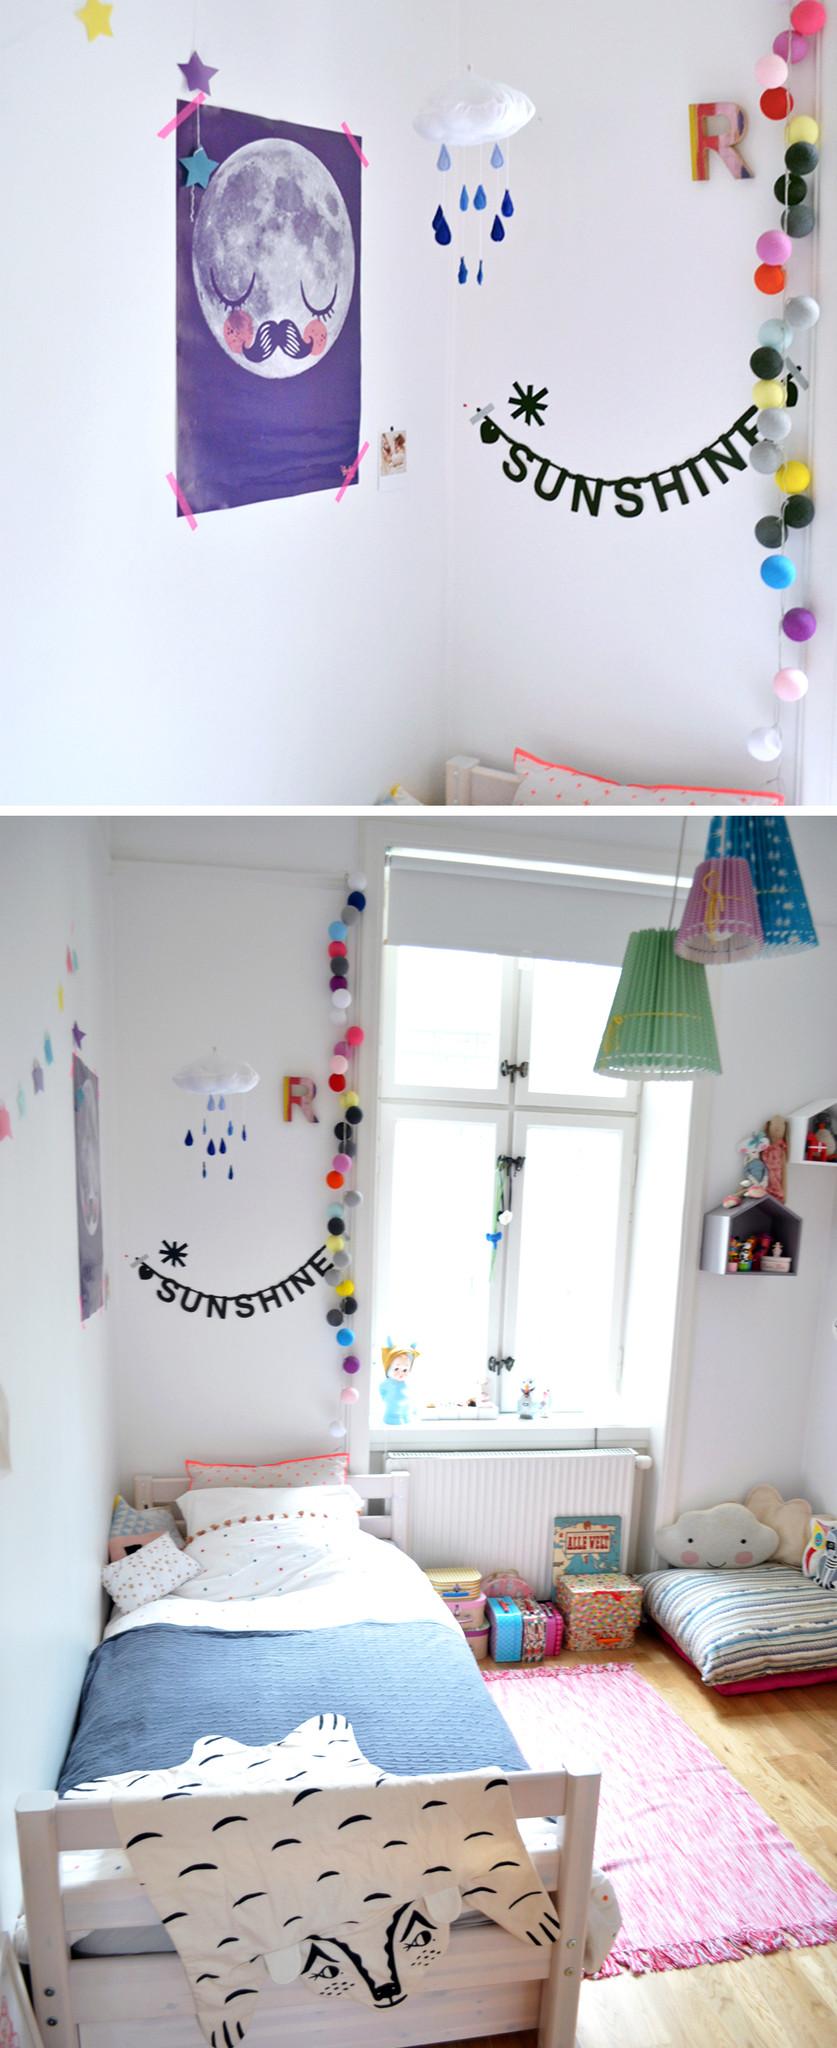 Romy's room